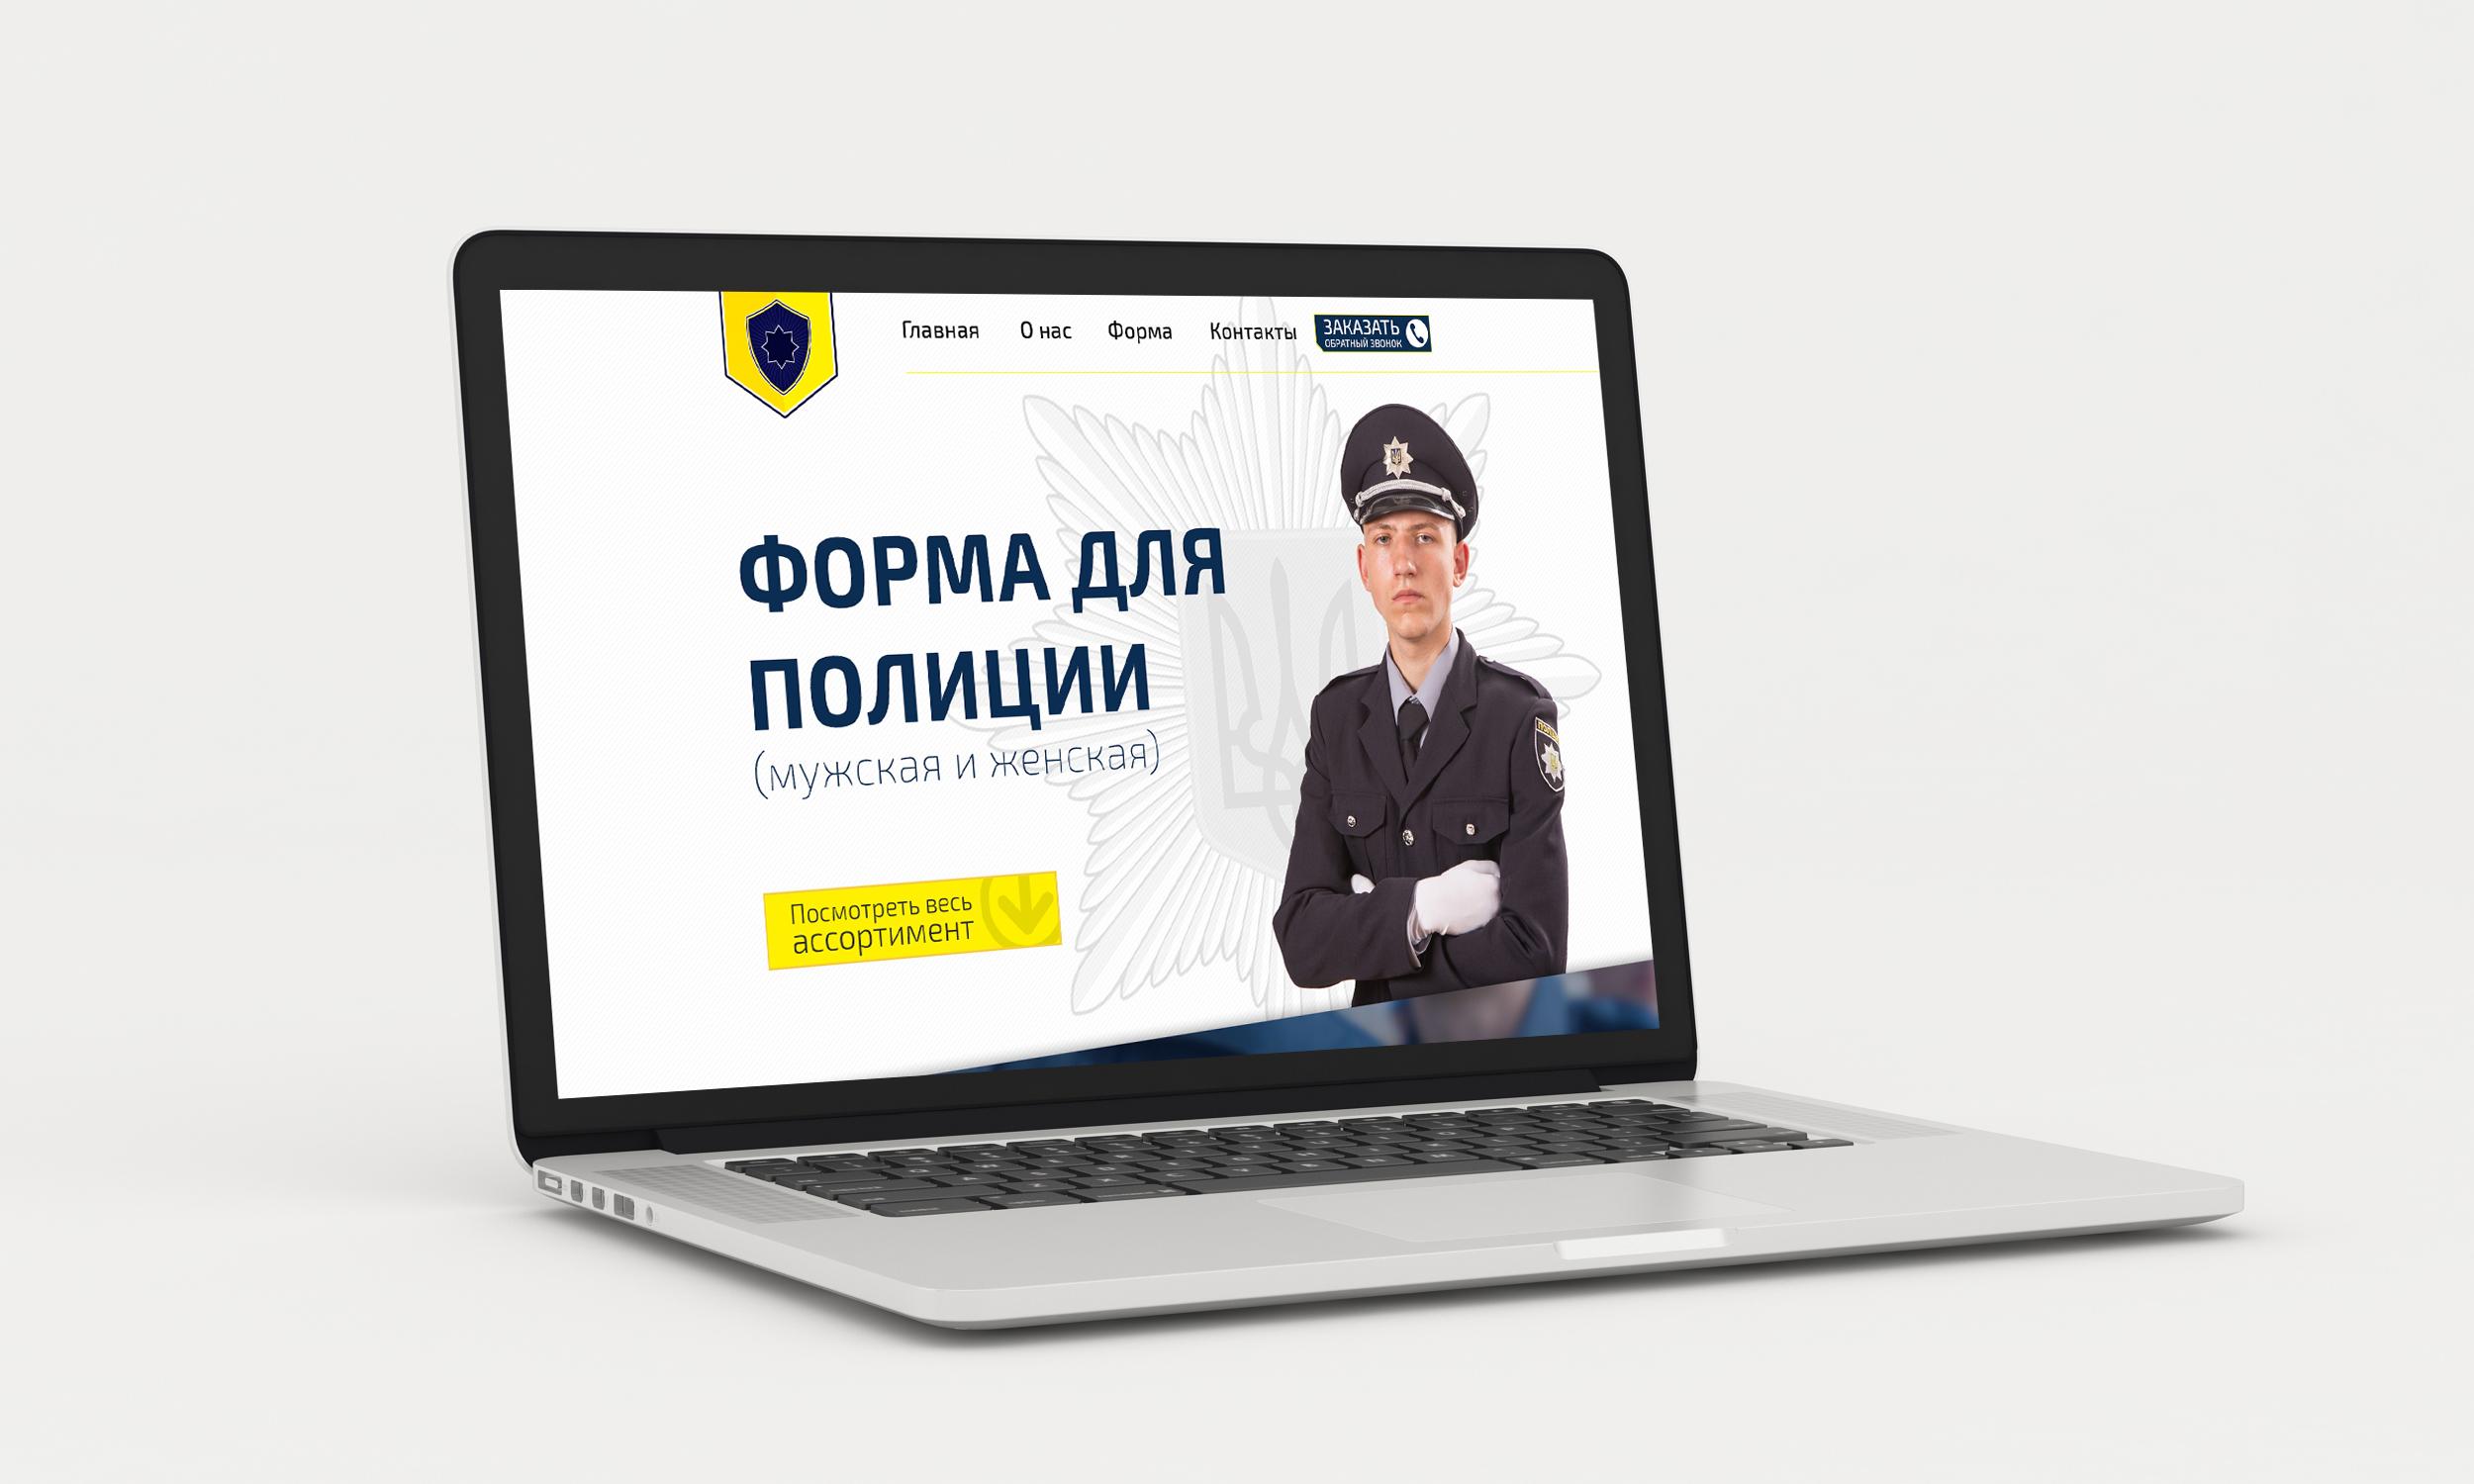 Лендинг по продаже новой формы для полиции Украины